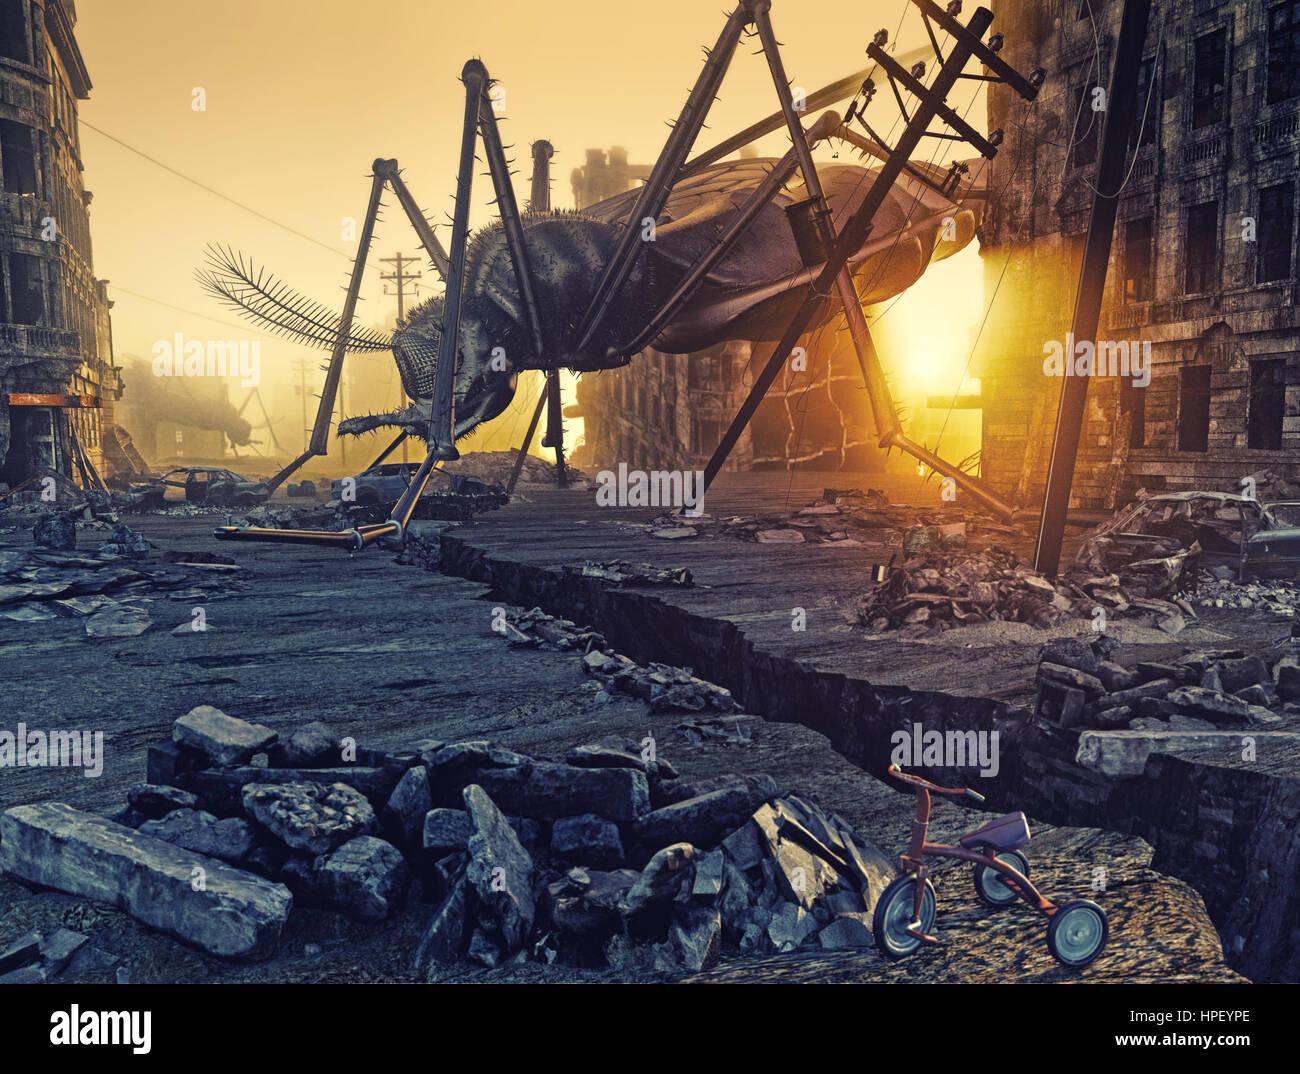 Los insectos gigantes destruir la ciudad. Concepto 3D Imagen De Stock